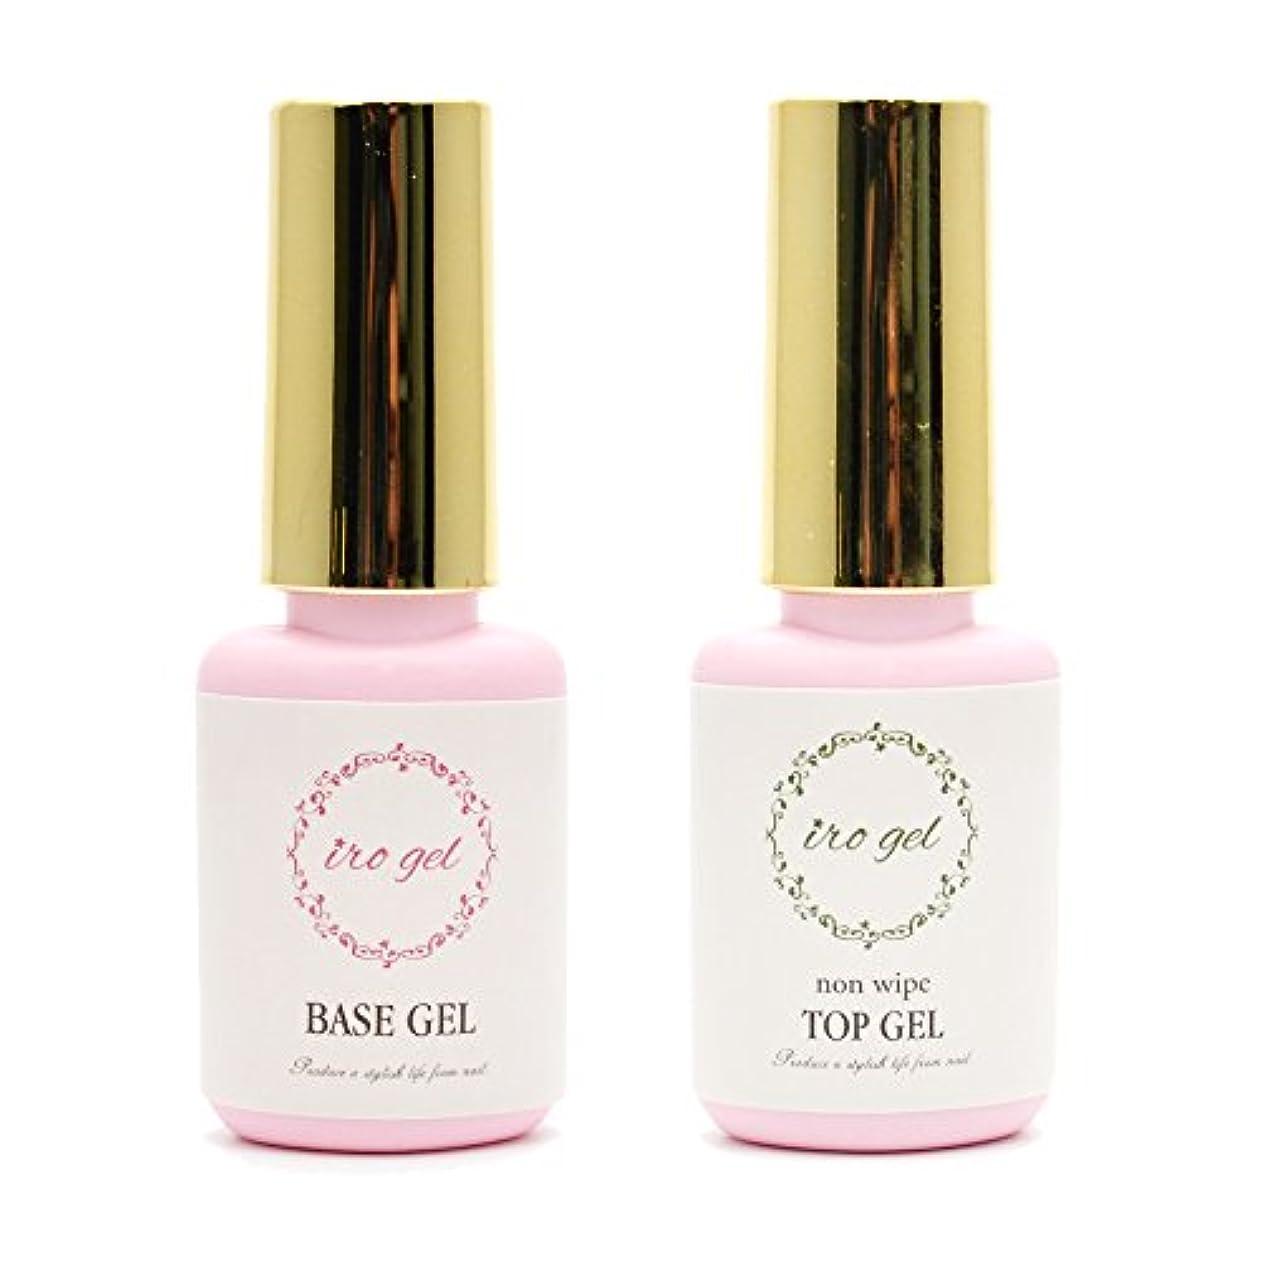 引っ張る幹鎮静剤iro gel (イロジェル) ジェルネイル UV LED 対応 ベースコート & トップコート セット 10ml [ 拭き取り不要 ノンワイプ ]